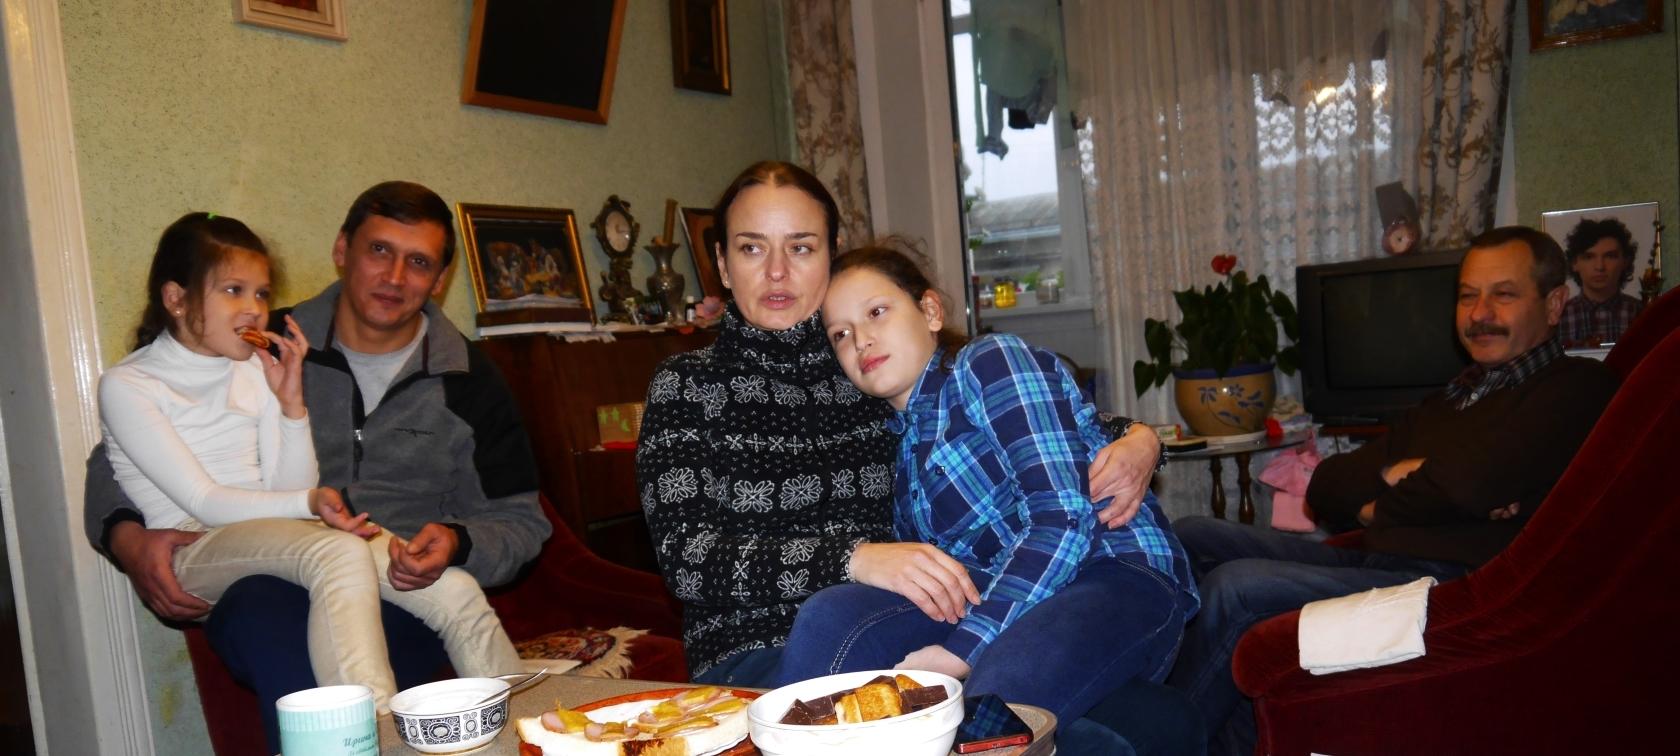 Родина Гуриків: батько Ігор, Йорданана, мама Ірина, Христина, та дід